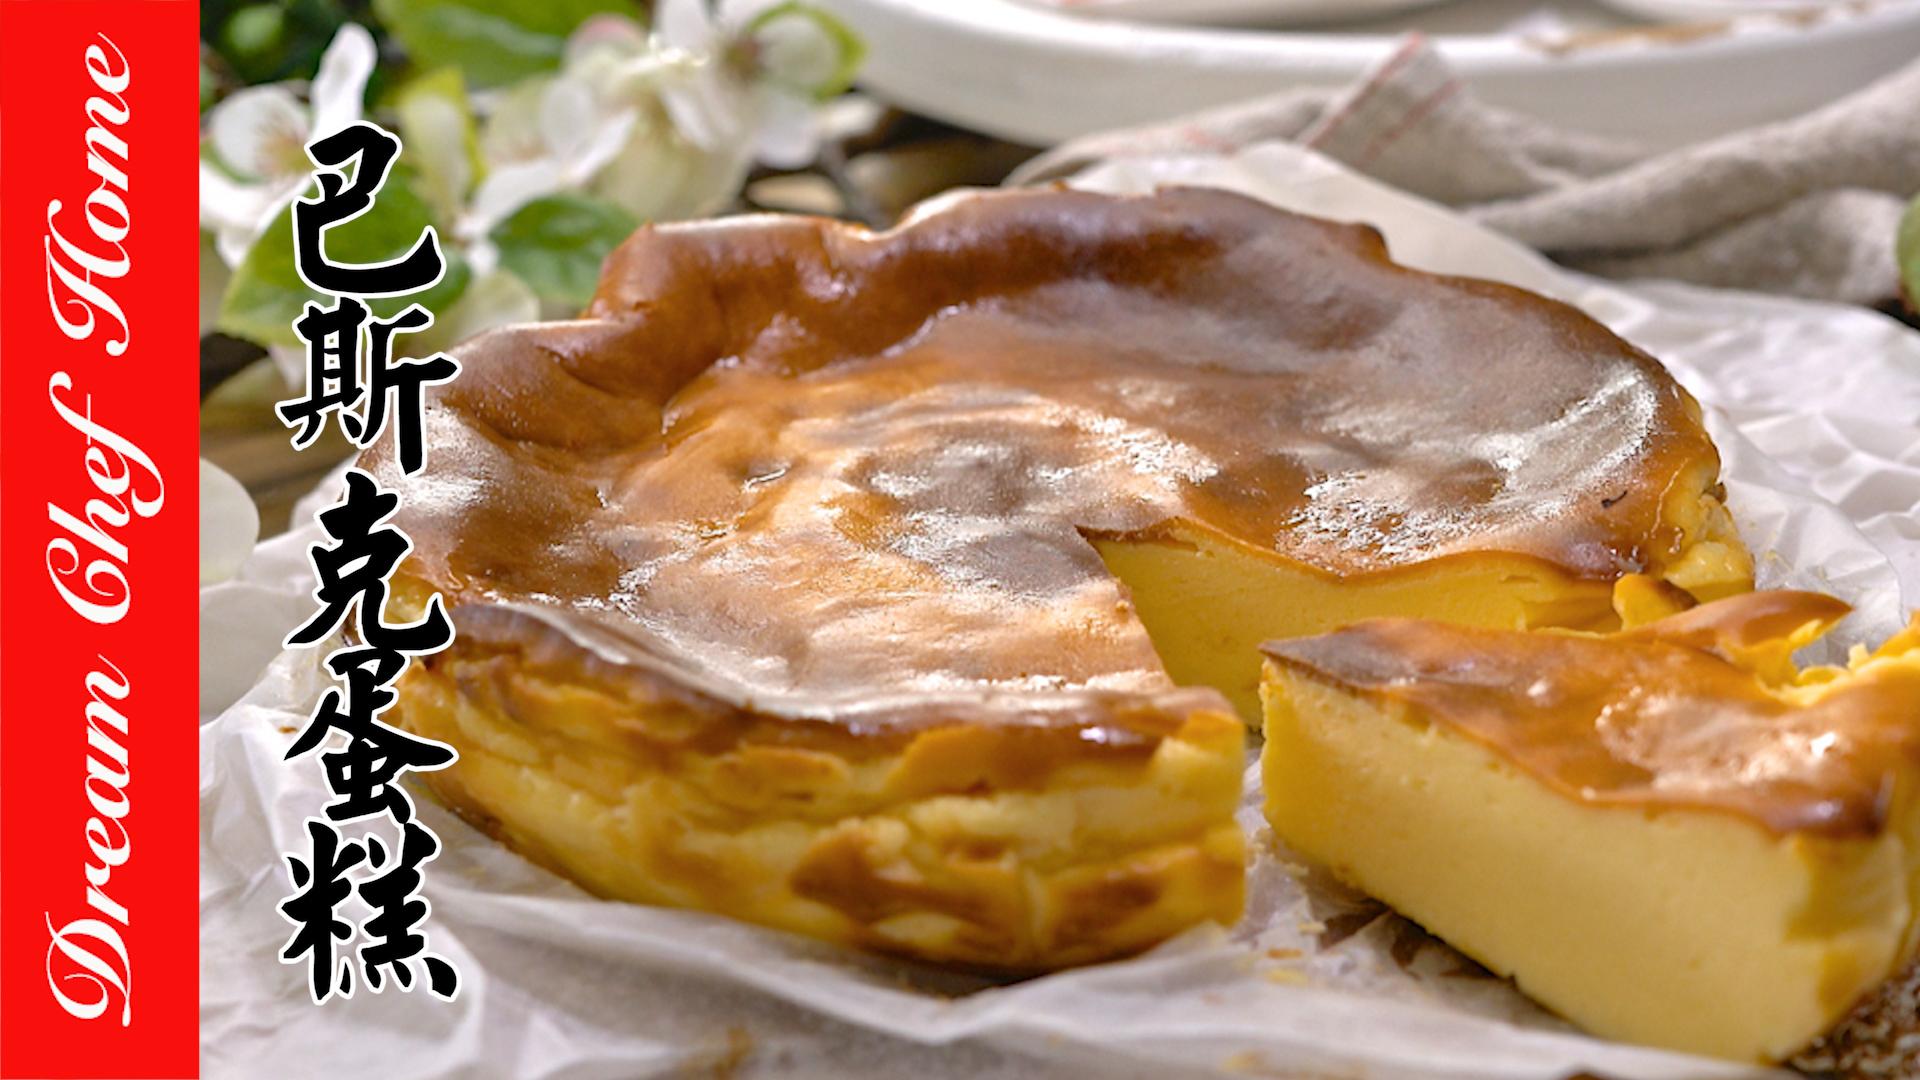 巴斯克蛋糕,入口即化流心爆漿甜點,世界最簡單的乳酪蛋糕